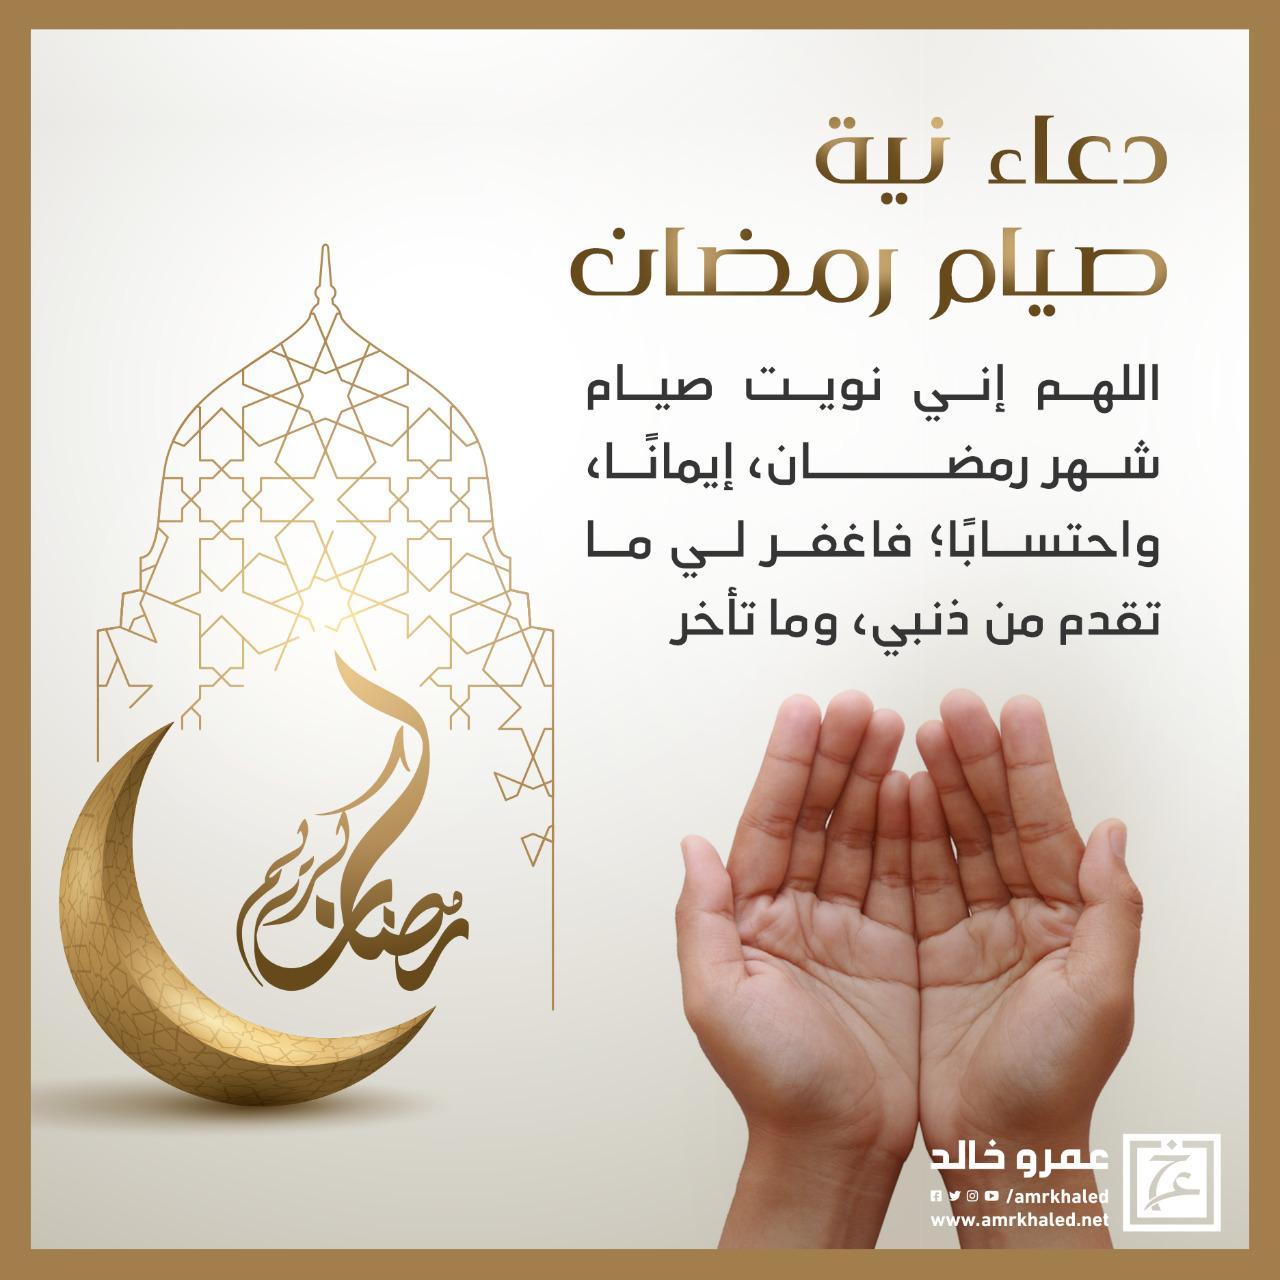 دعاء نية صيام شهر رمضان المبارك